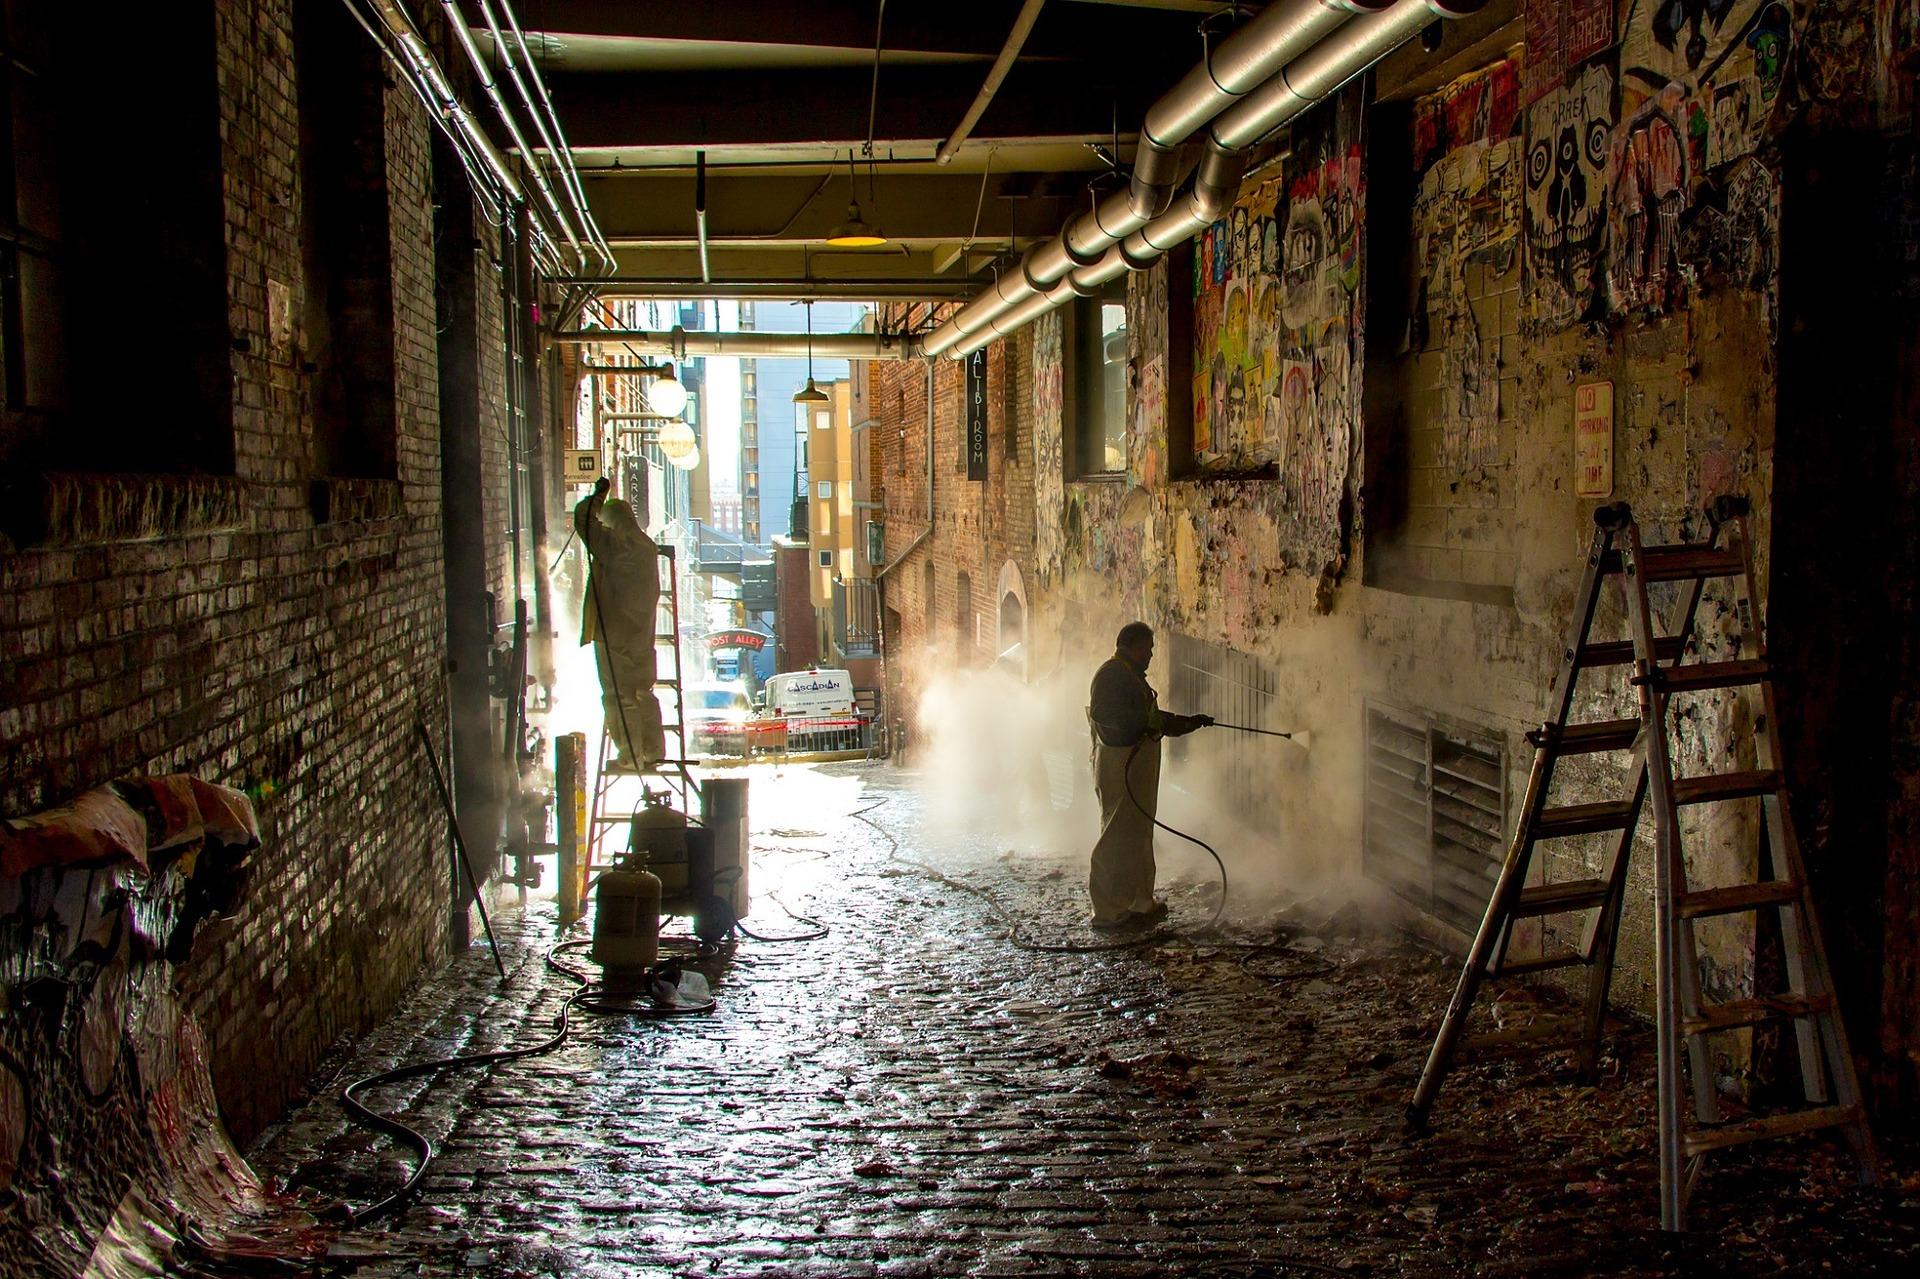 pulizia di graffiti